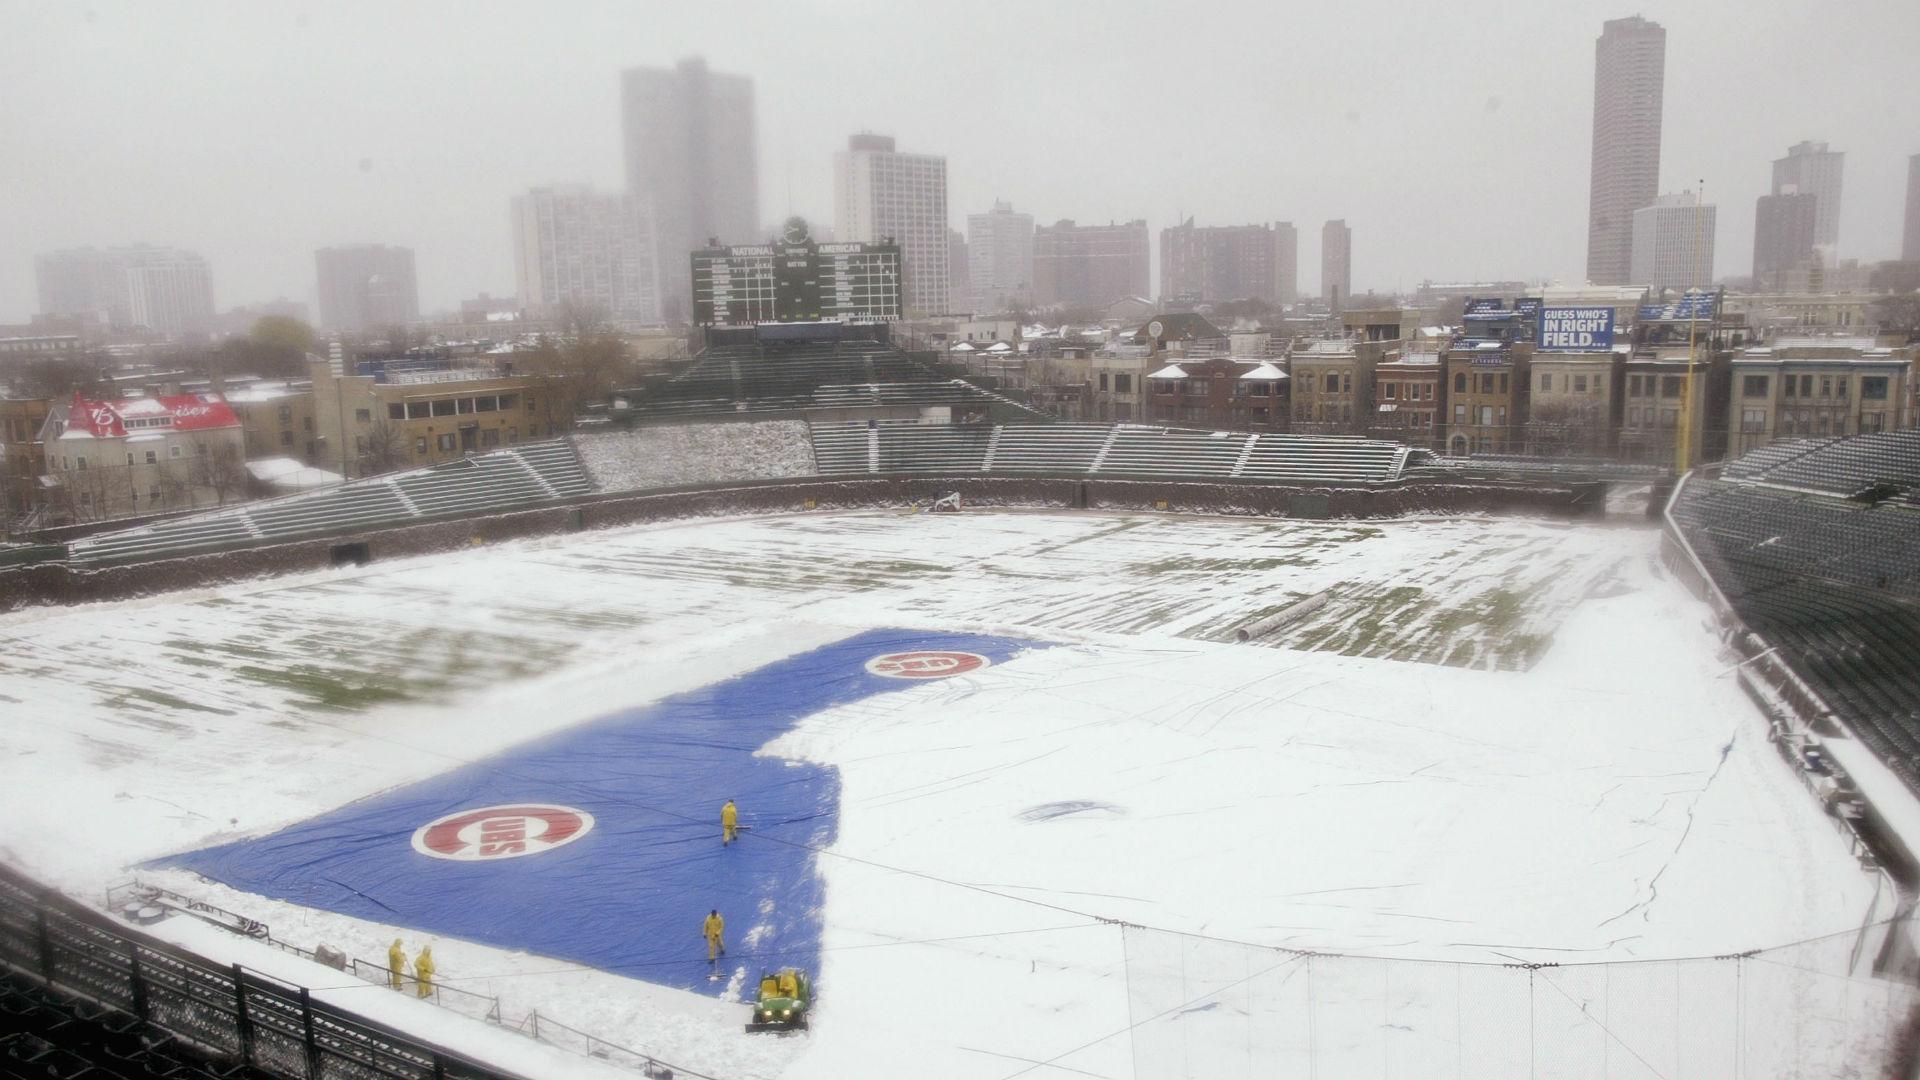 Cubs-wrigley-field-snow-04182018-usnews-getty-ftr_1qgts1oc4irg41n1sg9racbqwb